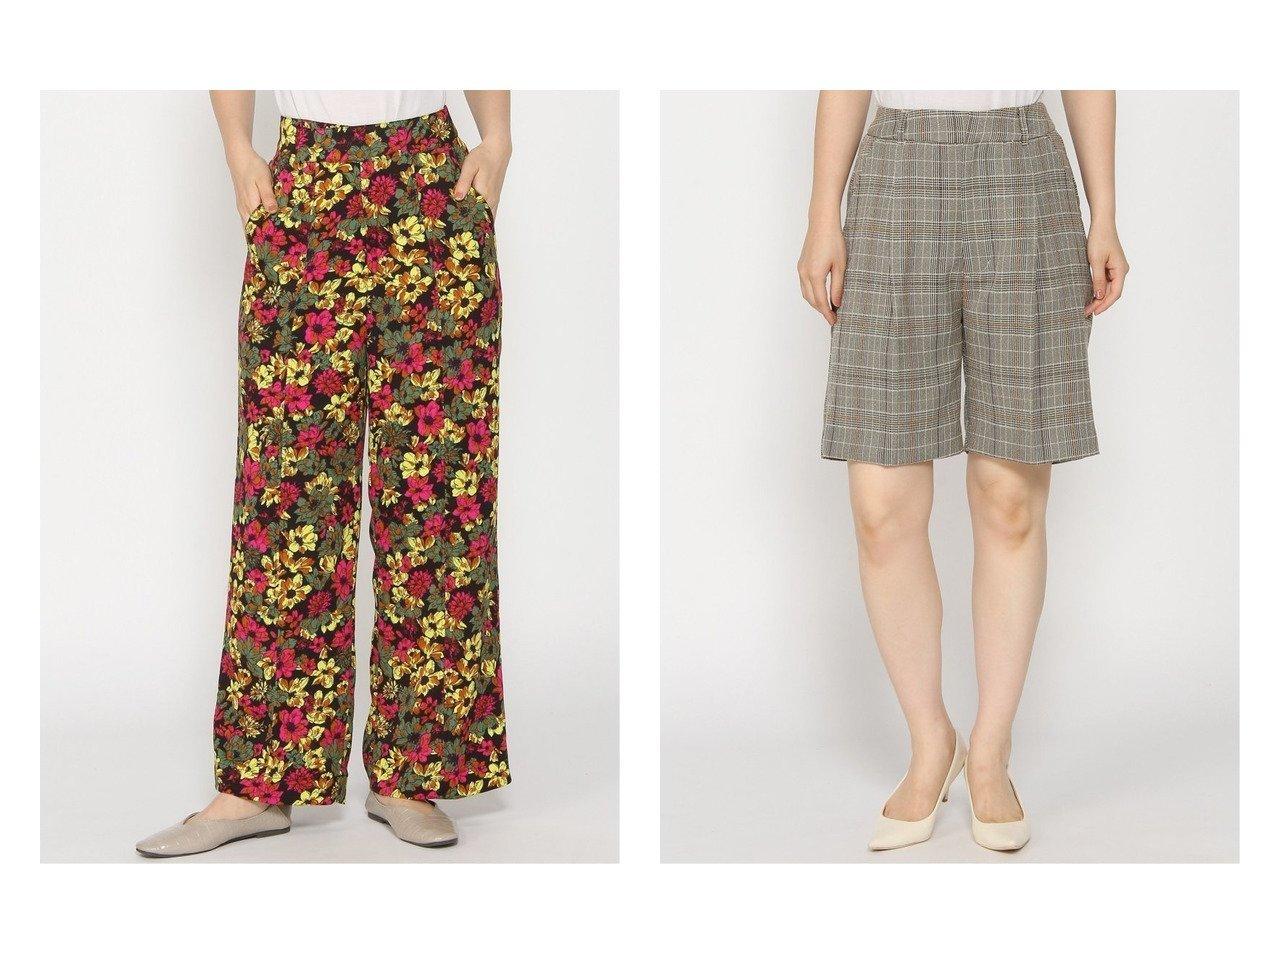 【JEANASiS/ジーナシス】のモールチェックSP&フラワーPTワイドストレートP おすすめ!人気、トレンド・レディースファッションの通販 おすすめで人気の流行・トレンド、ファッションの通販商品 インテリア・家具・メンズファッション・キッズファッション・レディースファッション・服の通販 founy(ファニー) https://founy.com/ ファッション Fashion レディースファッション WOMEN パンツ Pants ハーフ / ショートパンツ Short Pants NEW・新作・新着・新入荷 New Arrivals おすすめ Recommend シンプル ジーンズ ストレート フラワー プリント ワイド 夏 Summer 秋 Autumn/Fall ショート セットアップ チェック ハーフ バランス 別注 ロング |ID:crp329100000067613